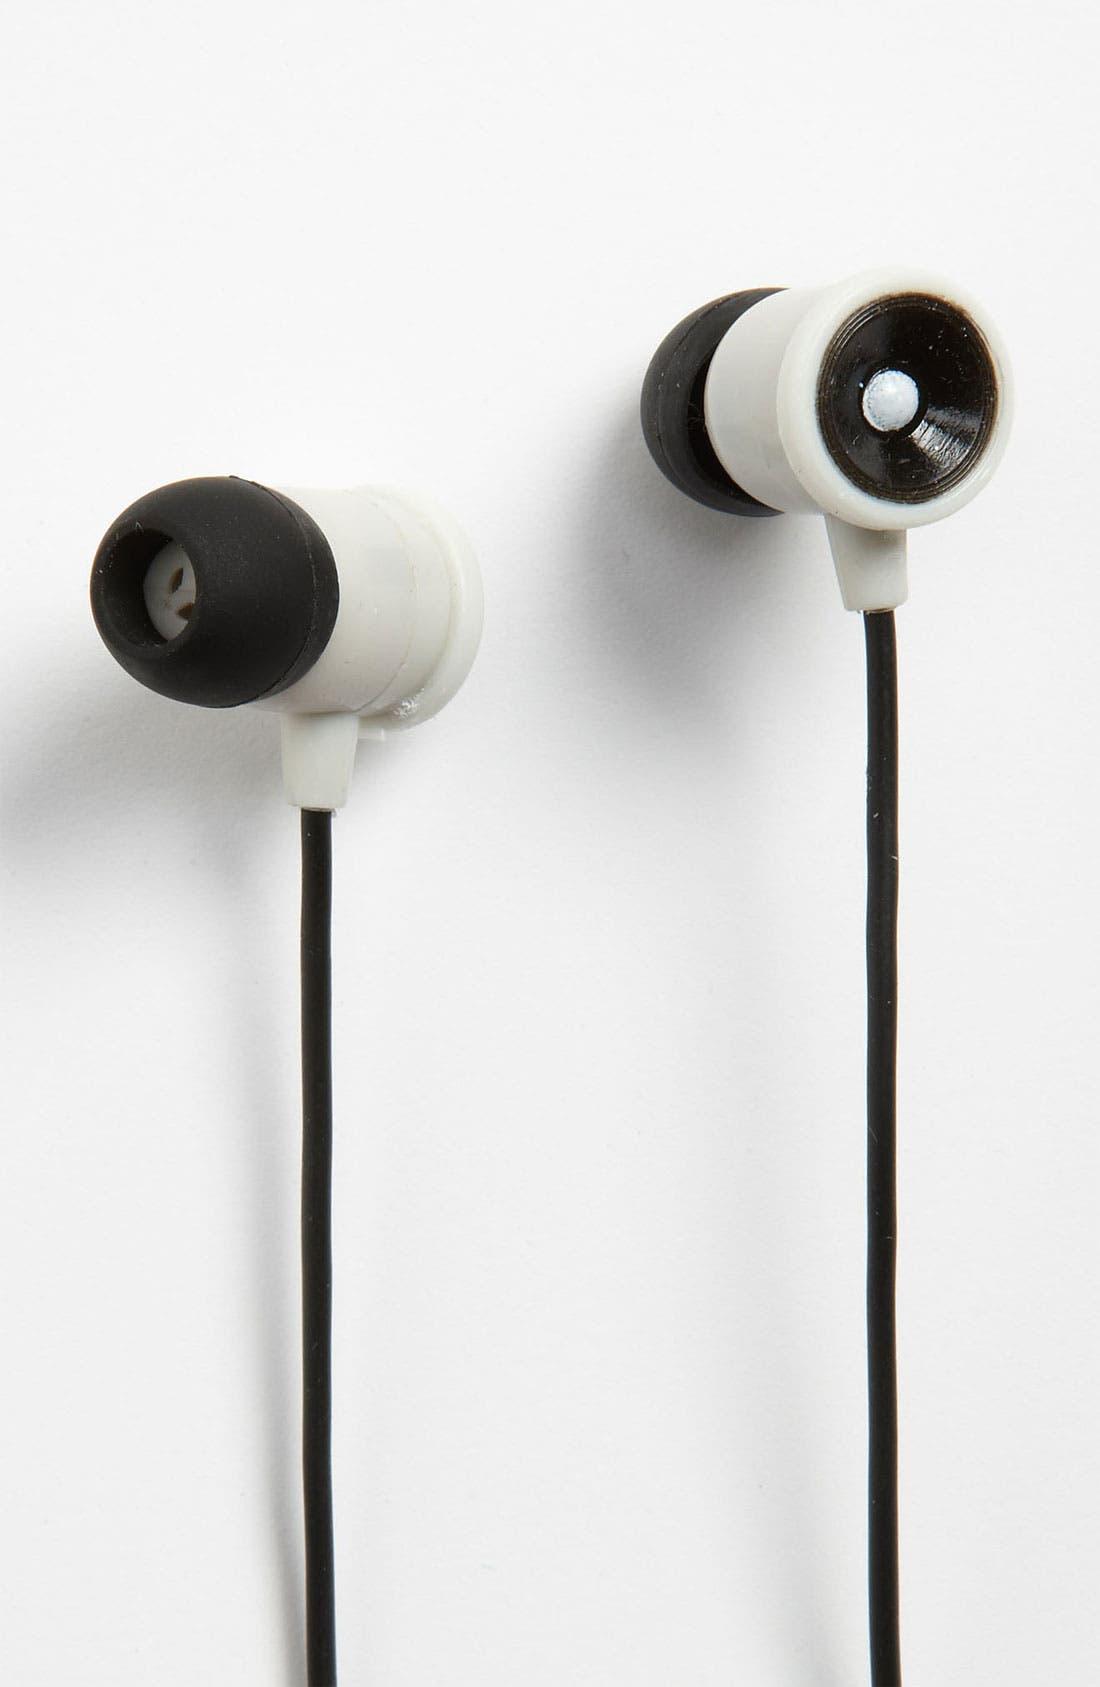 Main Image - Kikkerland Design Speaker Earbuds